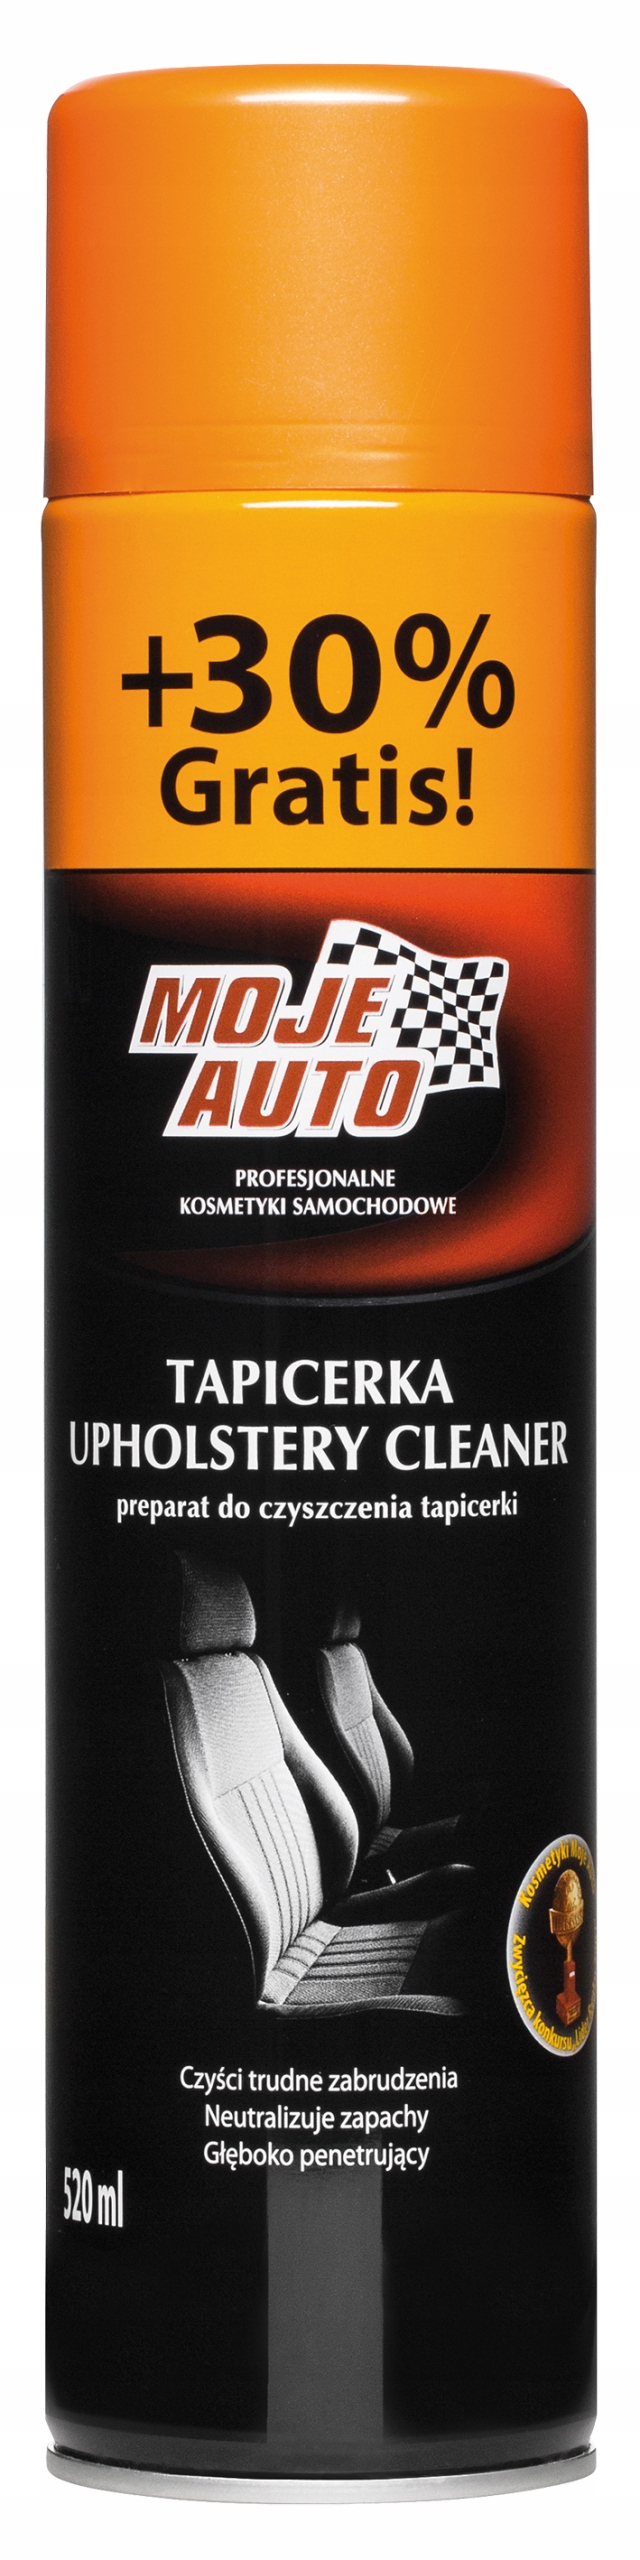 19-023 Preparat do czyszczenia tapicerki Moje Auto